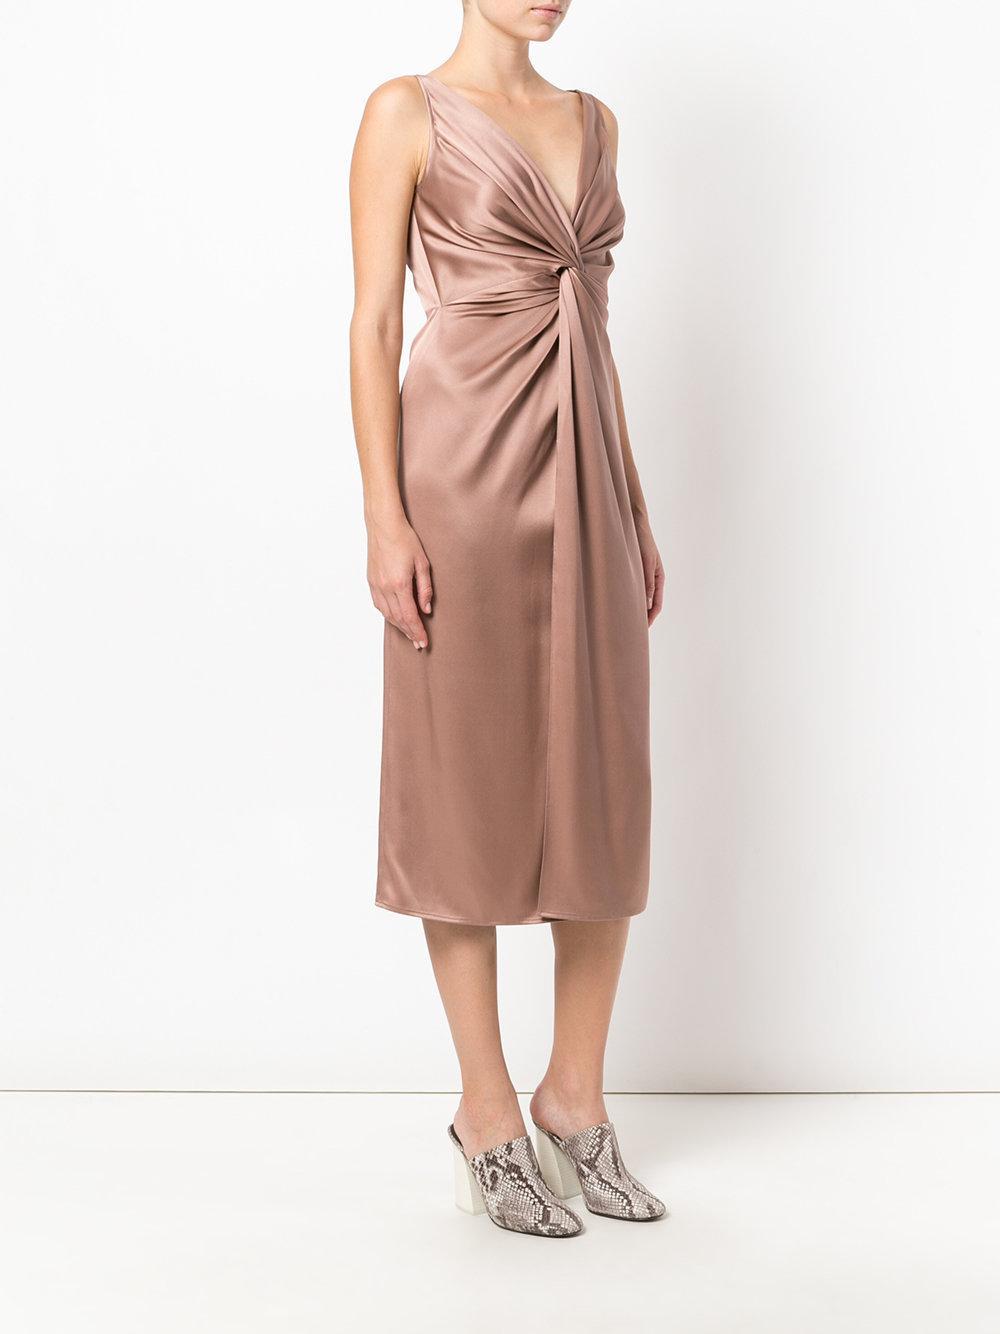 Mia satin-twist dress - Pink & Purple Sies Marjan ozXocrt